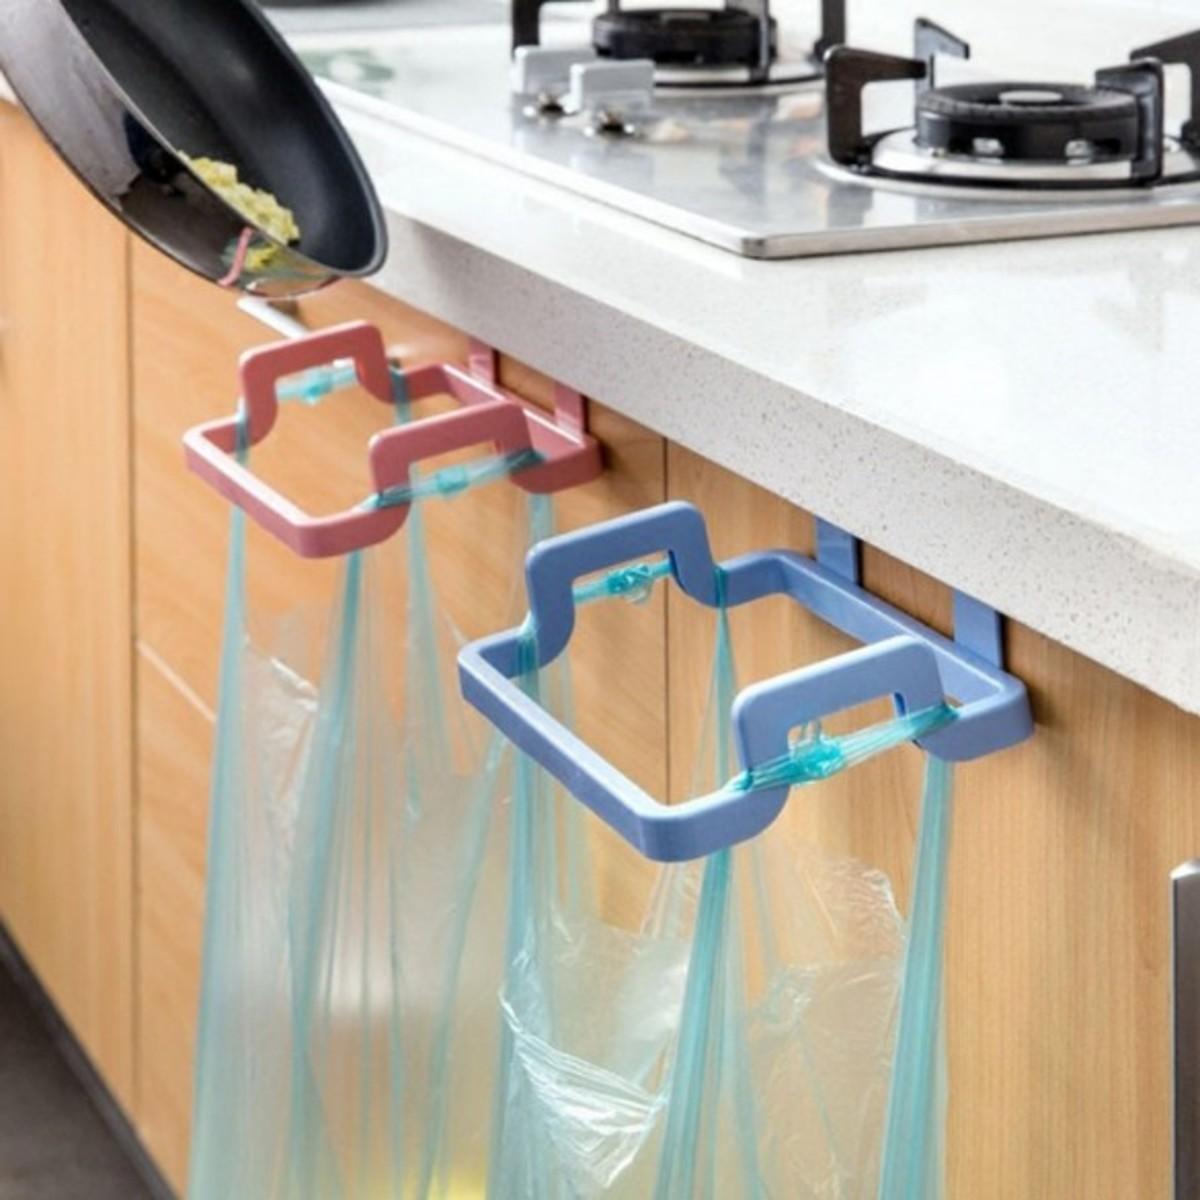 櫥櫃門背式垃圾袋支架(隨機顏色:綠色/米白色/藍色)